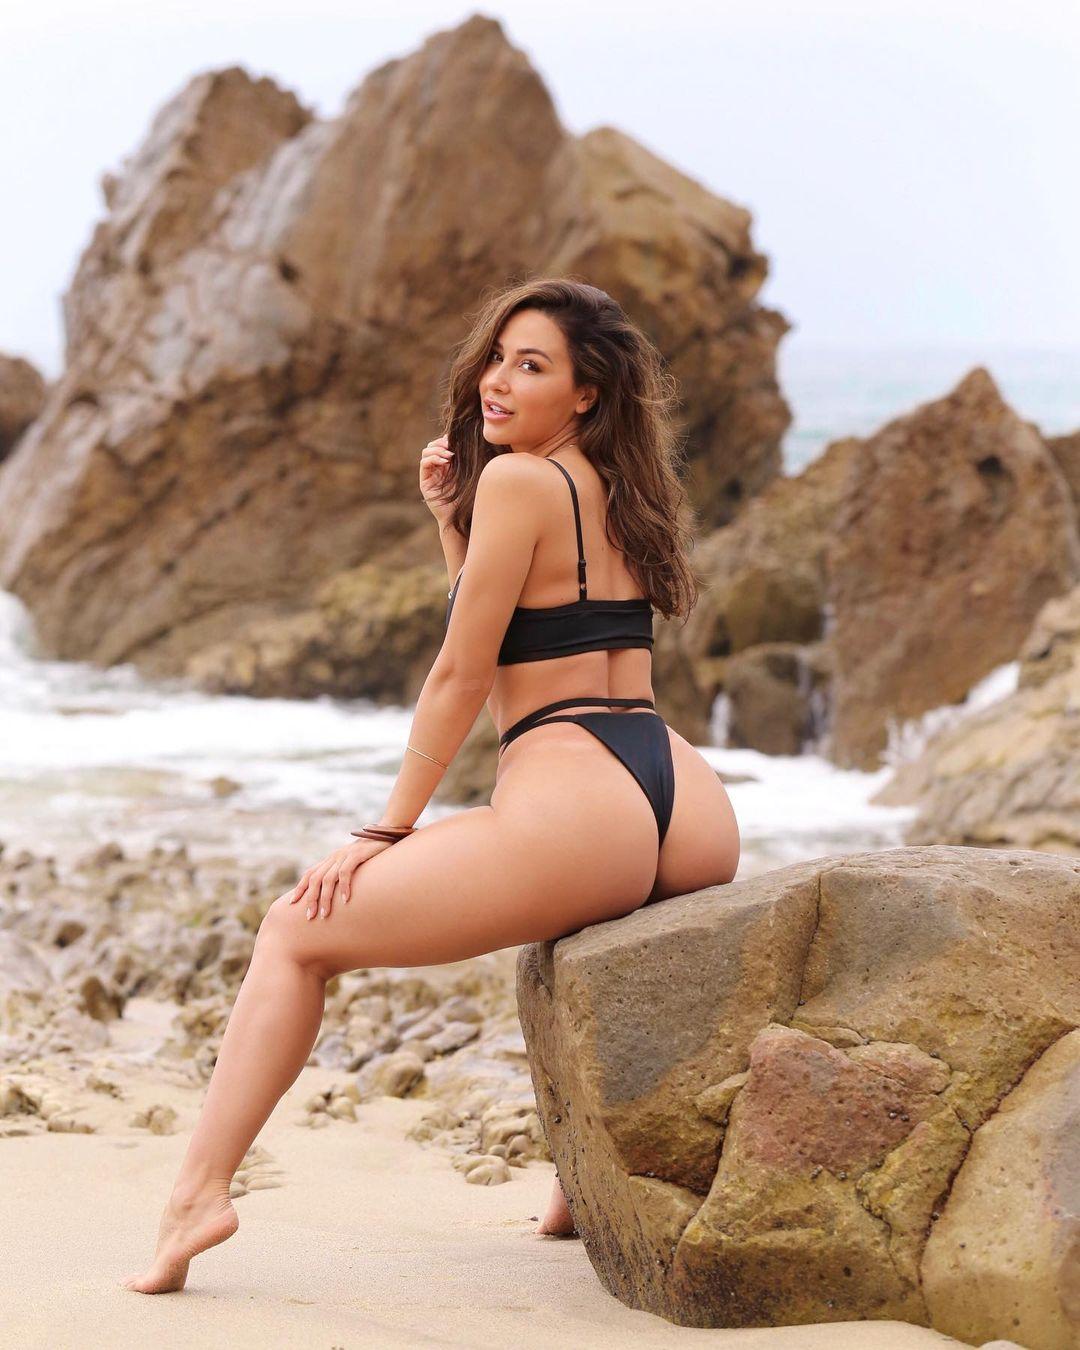 Ана Чери (Ana Cherí) - Самая горячая модель и фитнес тренер 8